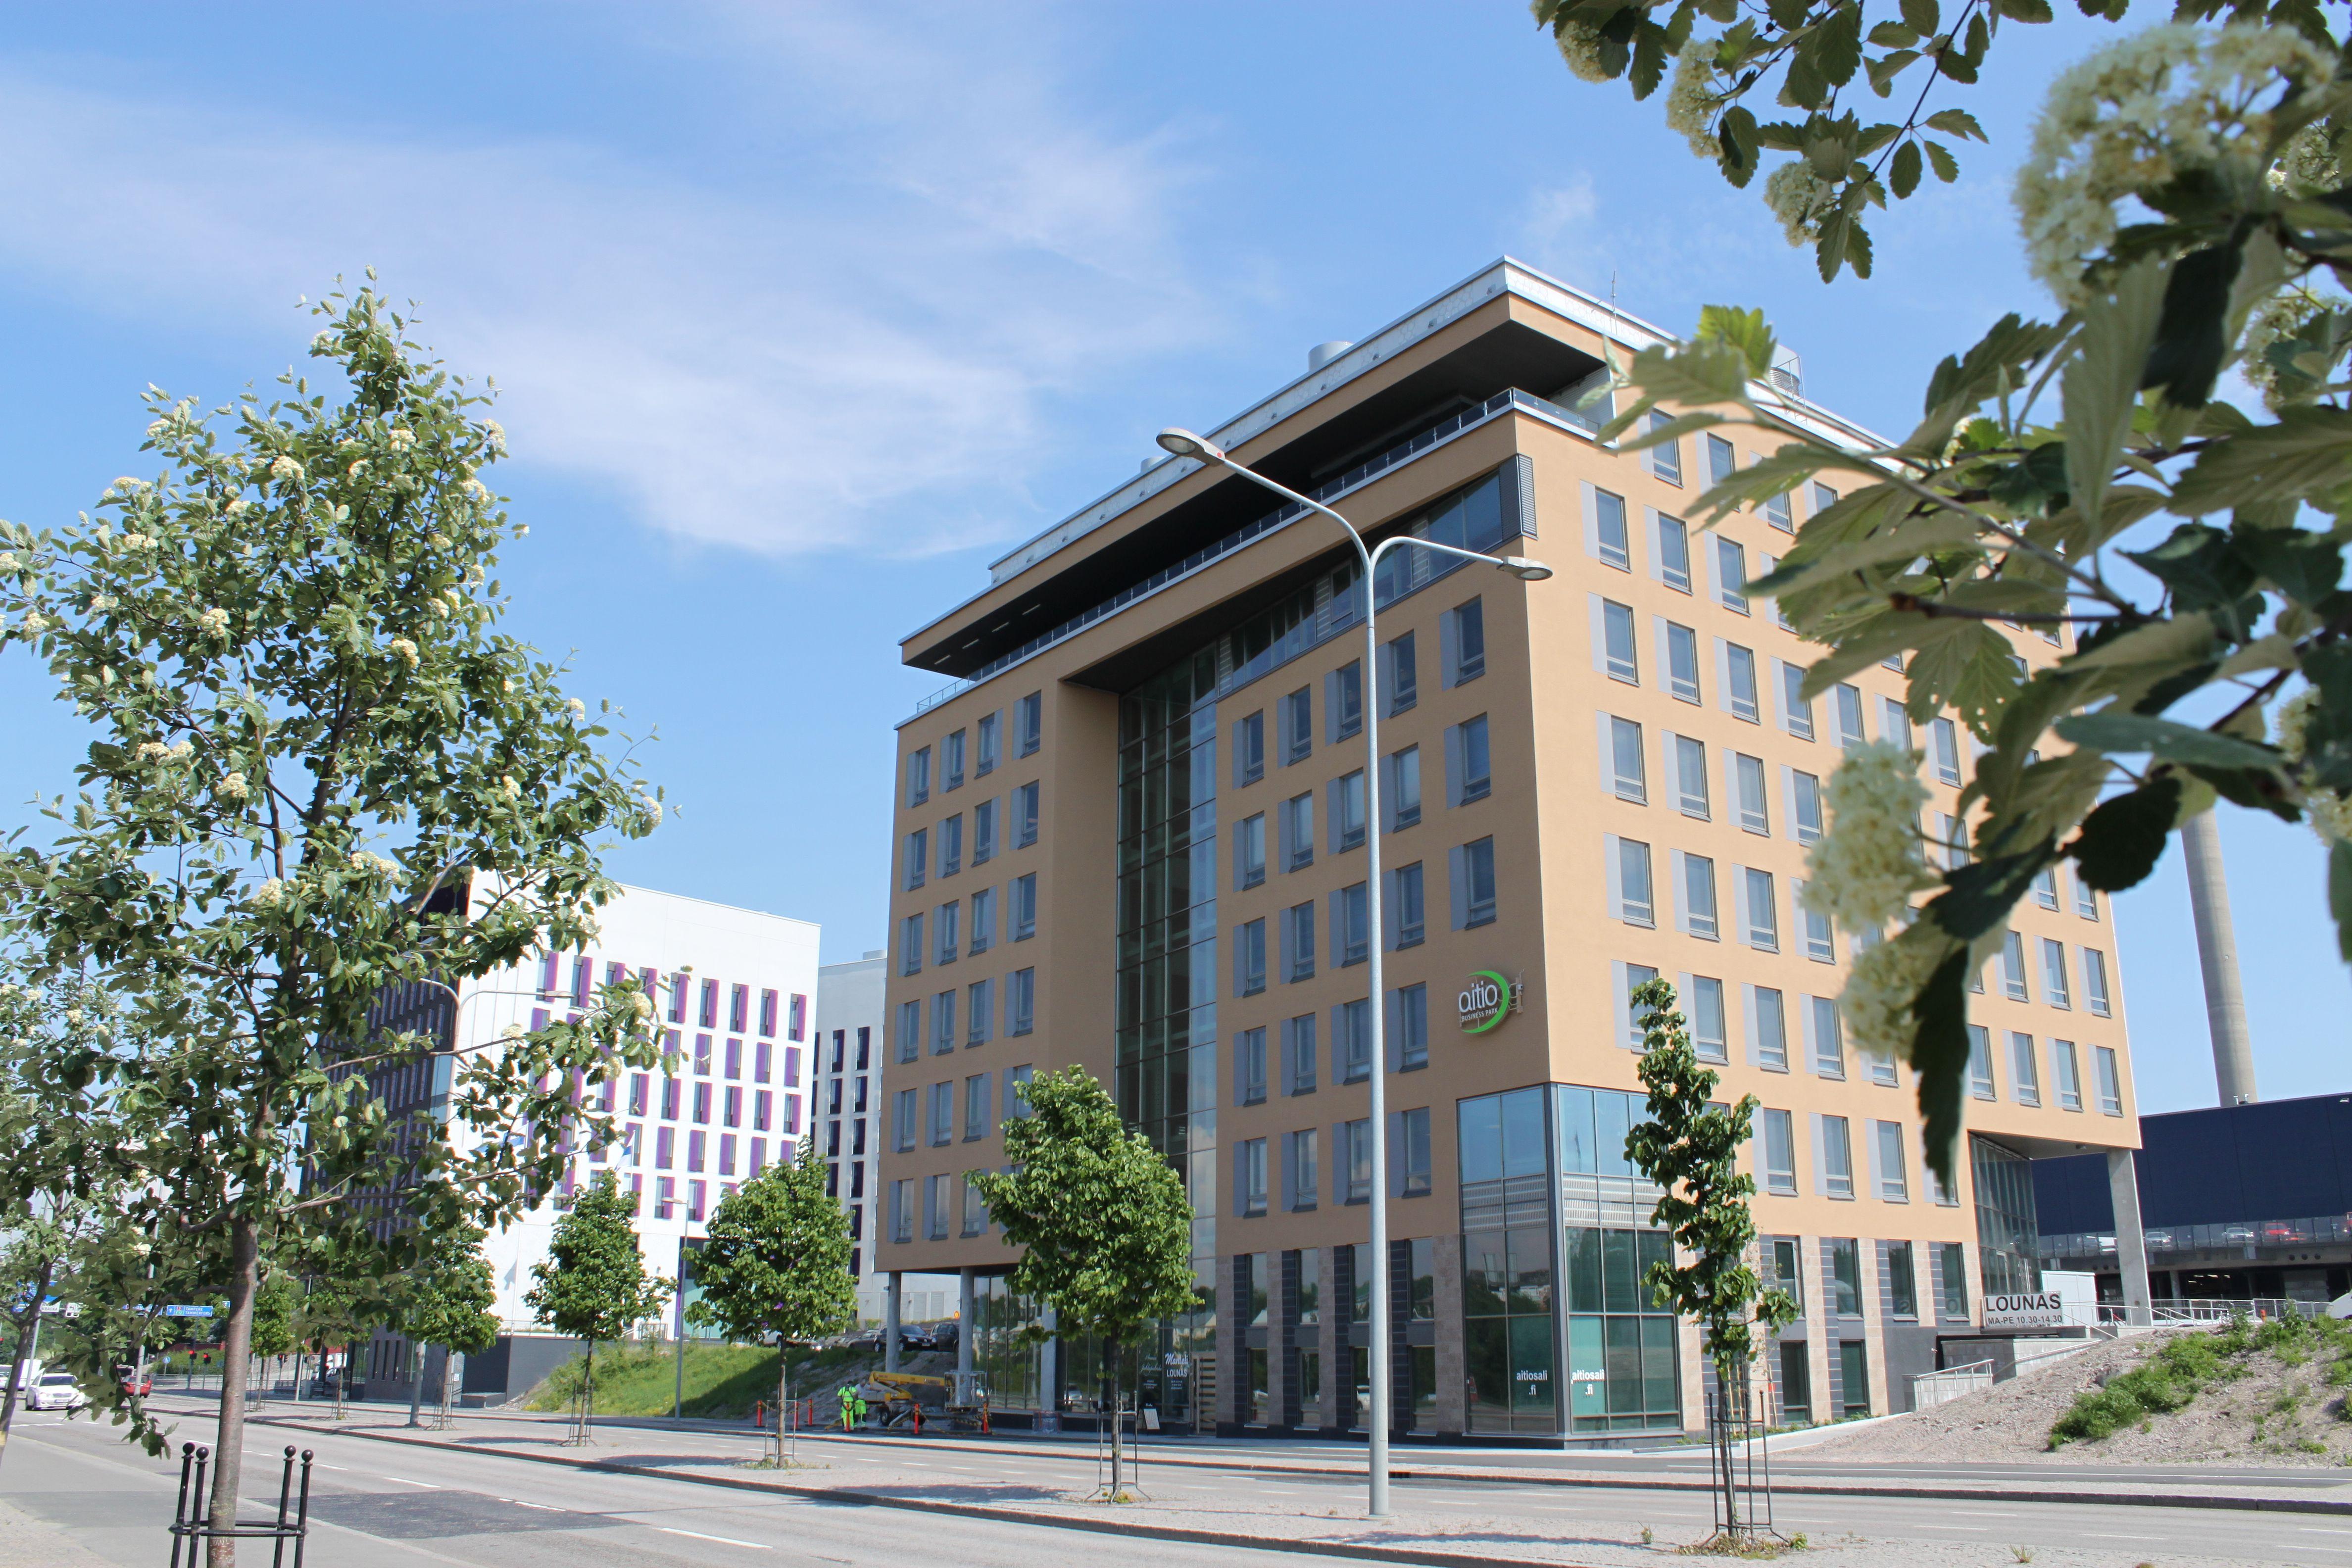 Aitio Business Park Mannerheimintien varrella, Ruskeasuolla, on ihmisen kokoinen ja valoisa rakennus